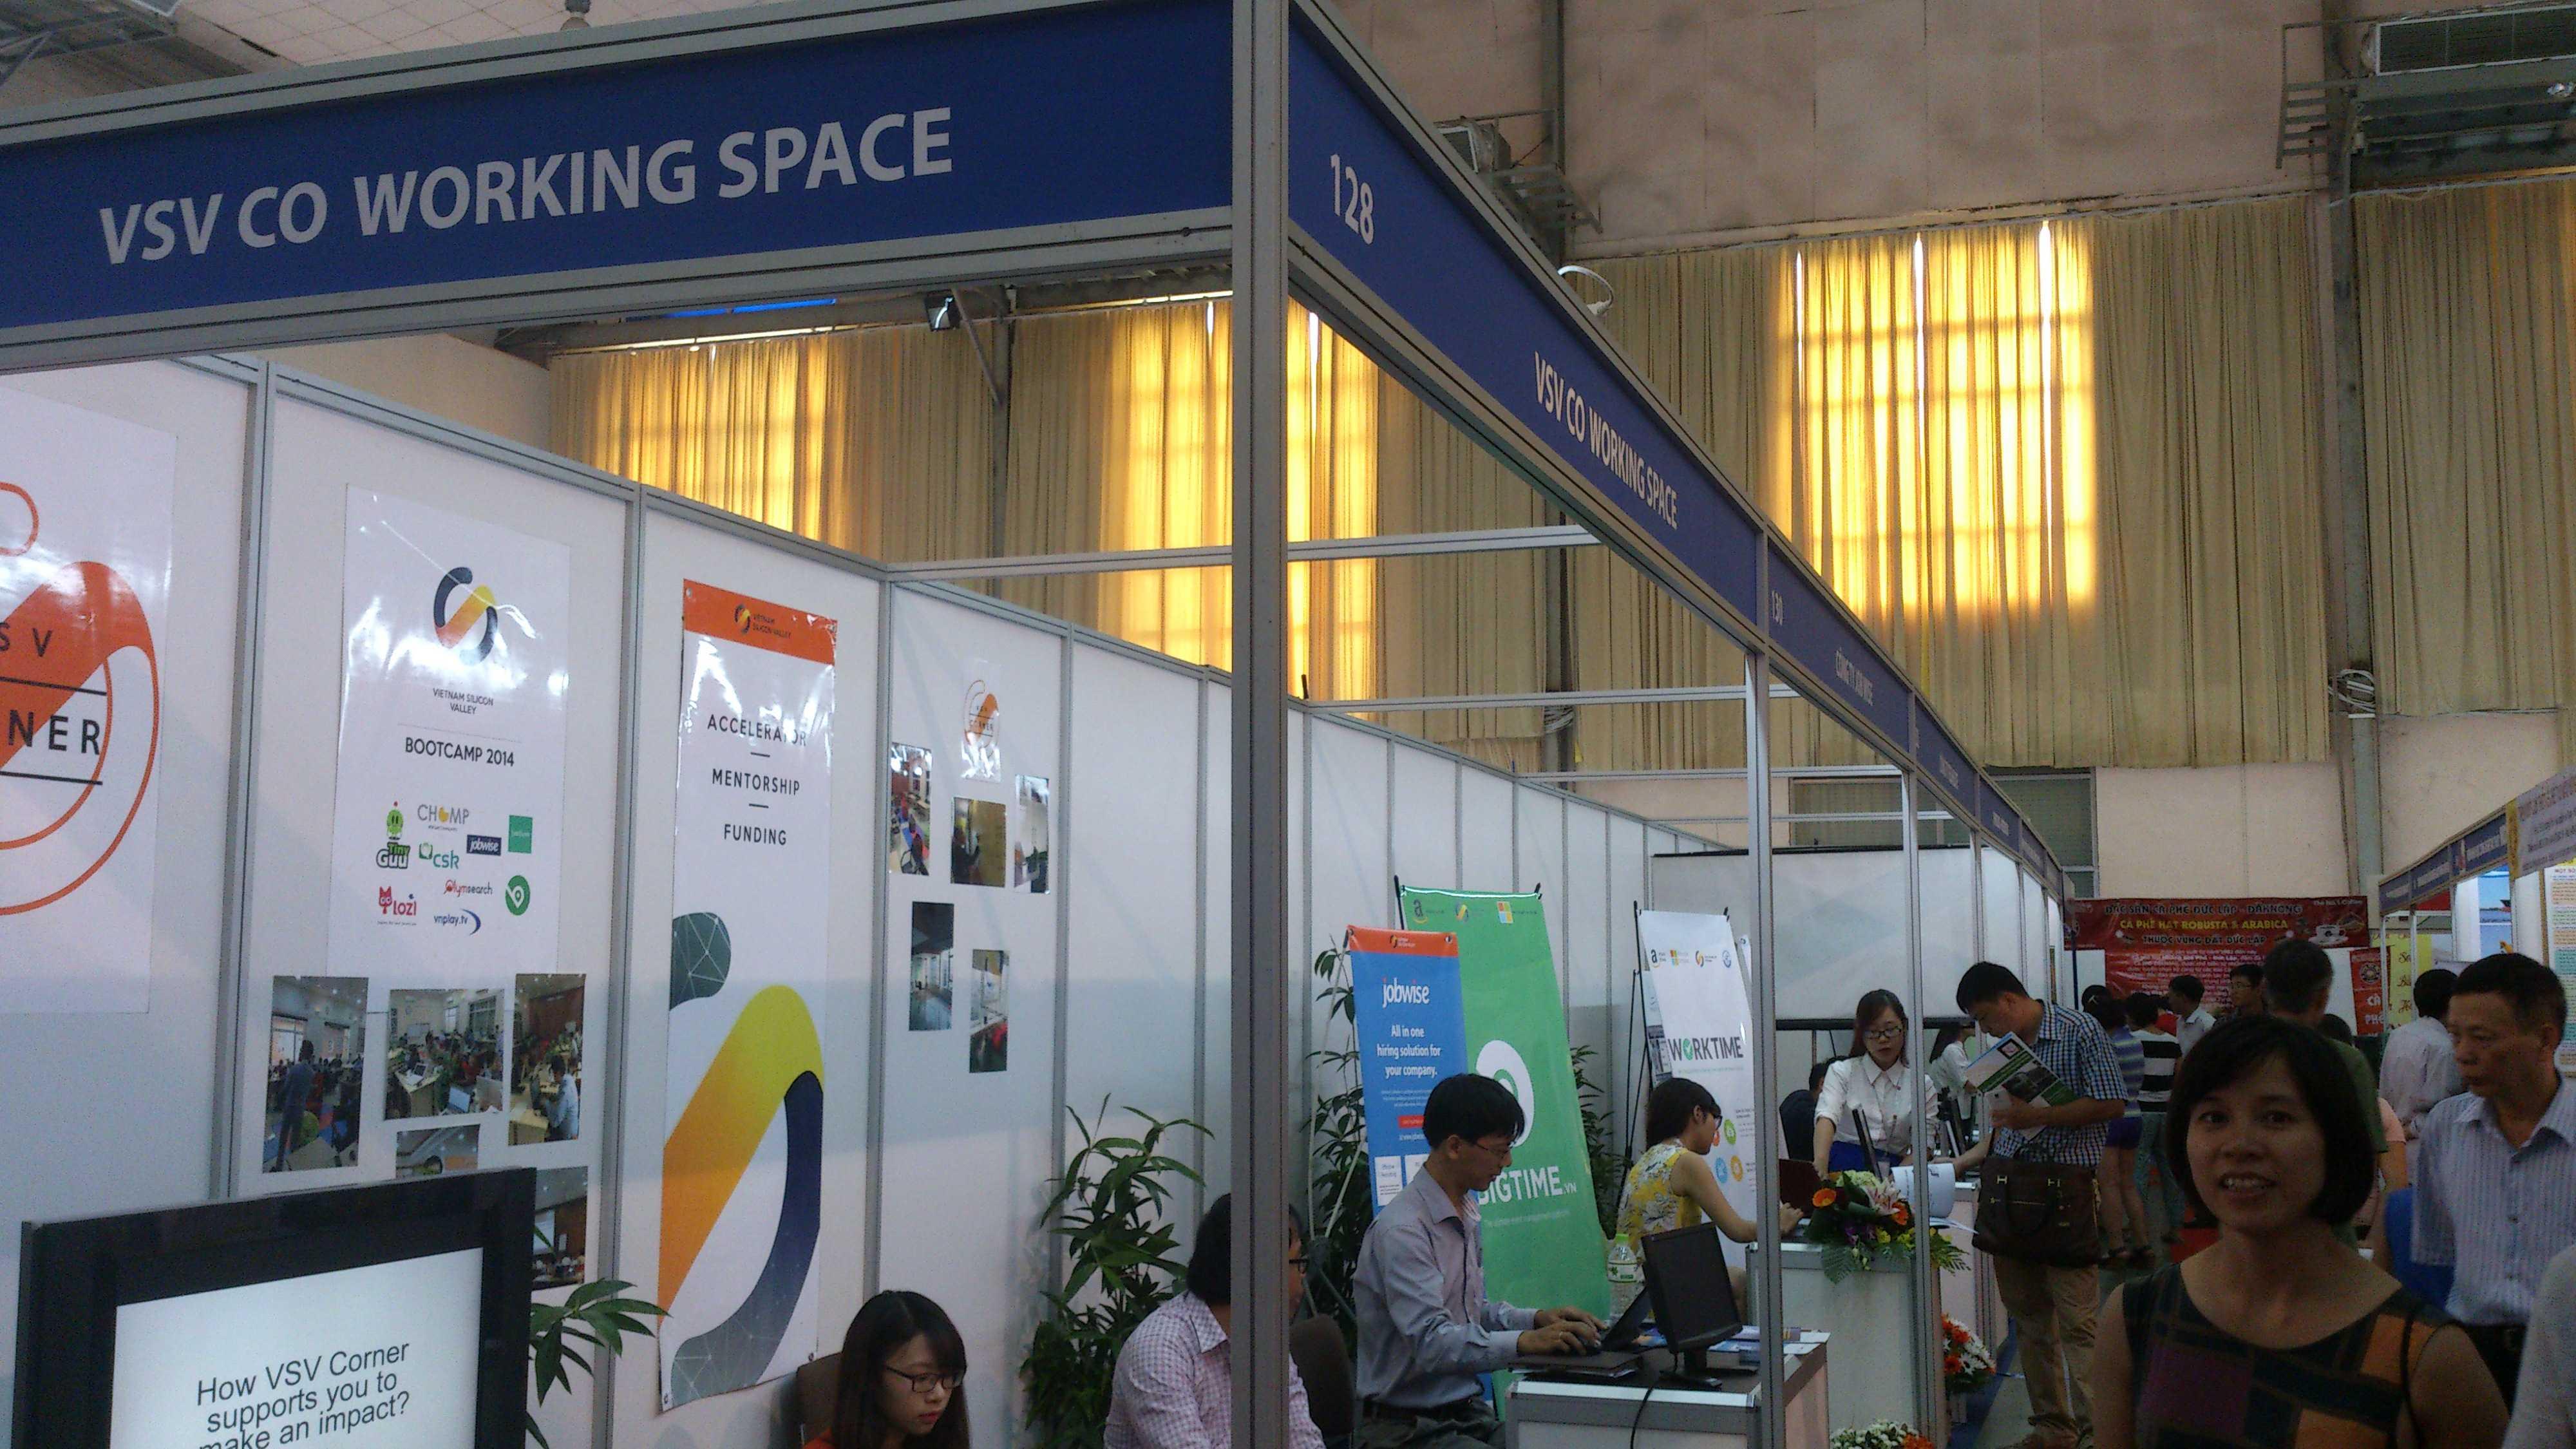 Gian hàng dự án Vietnam Silicon Valley (VSV)